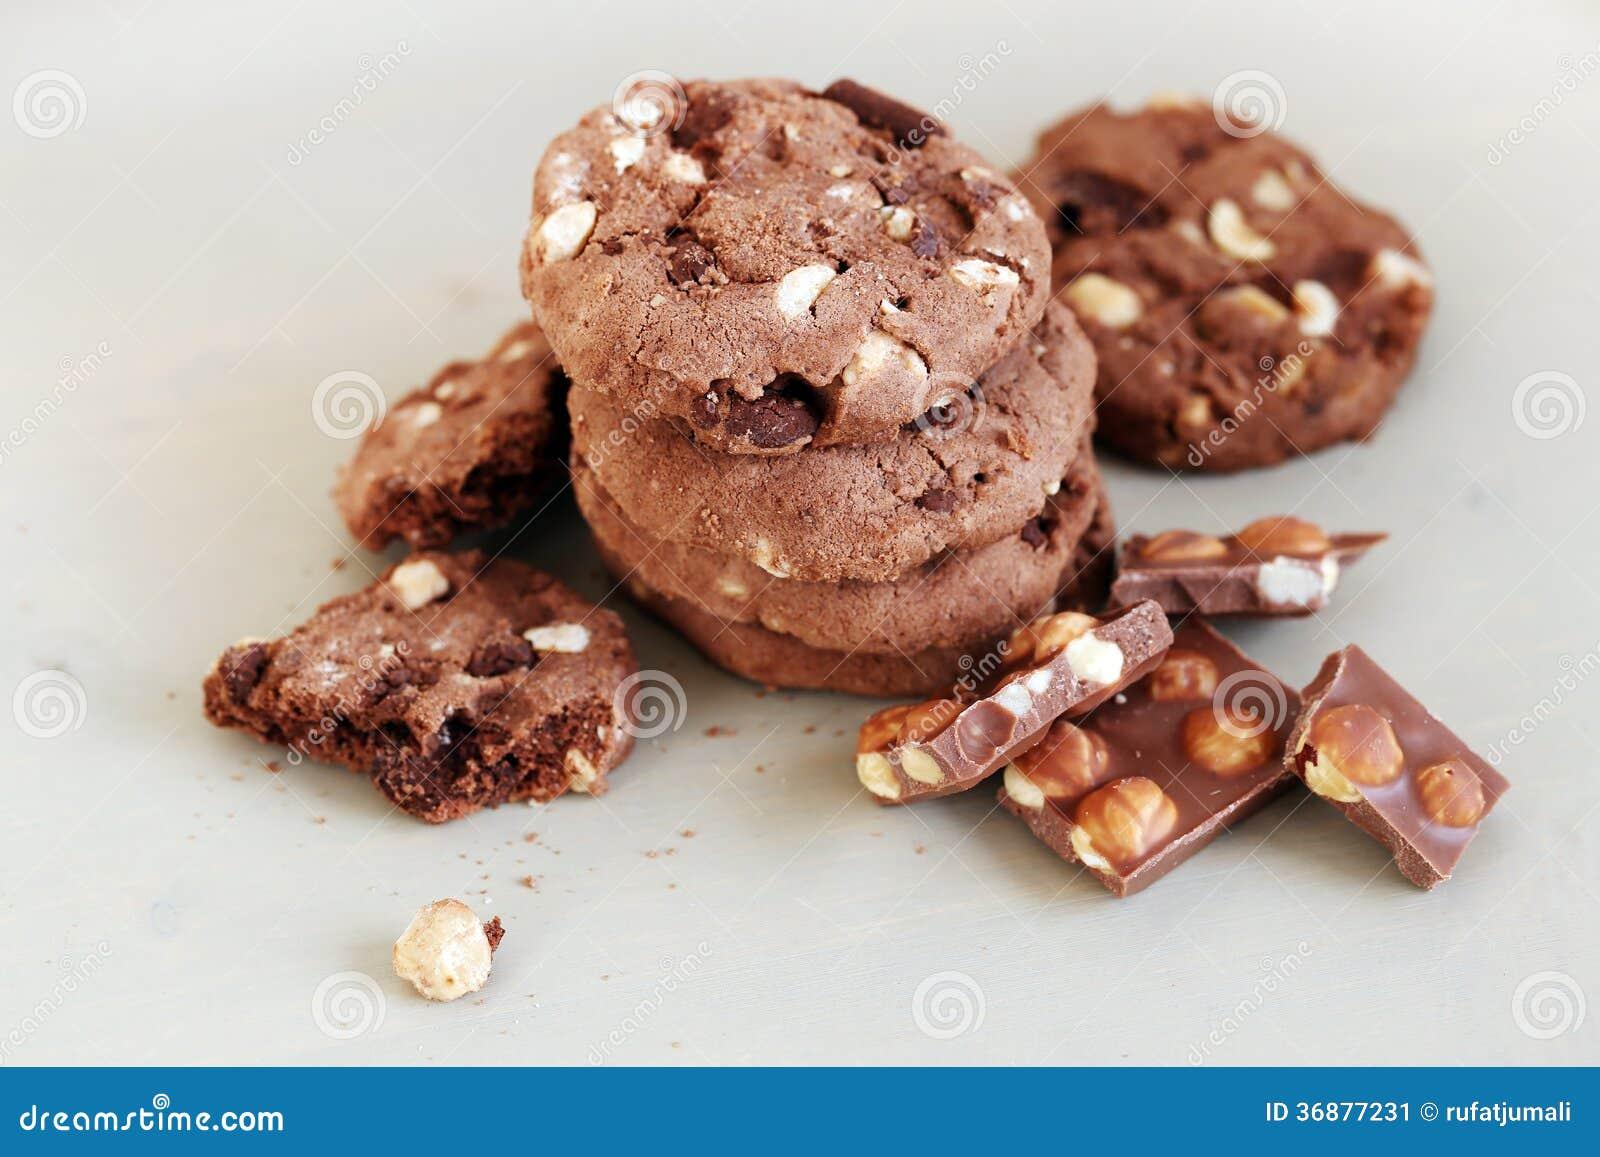 Download I Biscotti Deliziosi Con Cioccolato Mettono Su Una Tavola Immagine Stock - Immagine di culinario, cuocia: 36877231